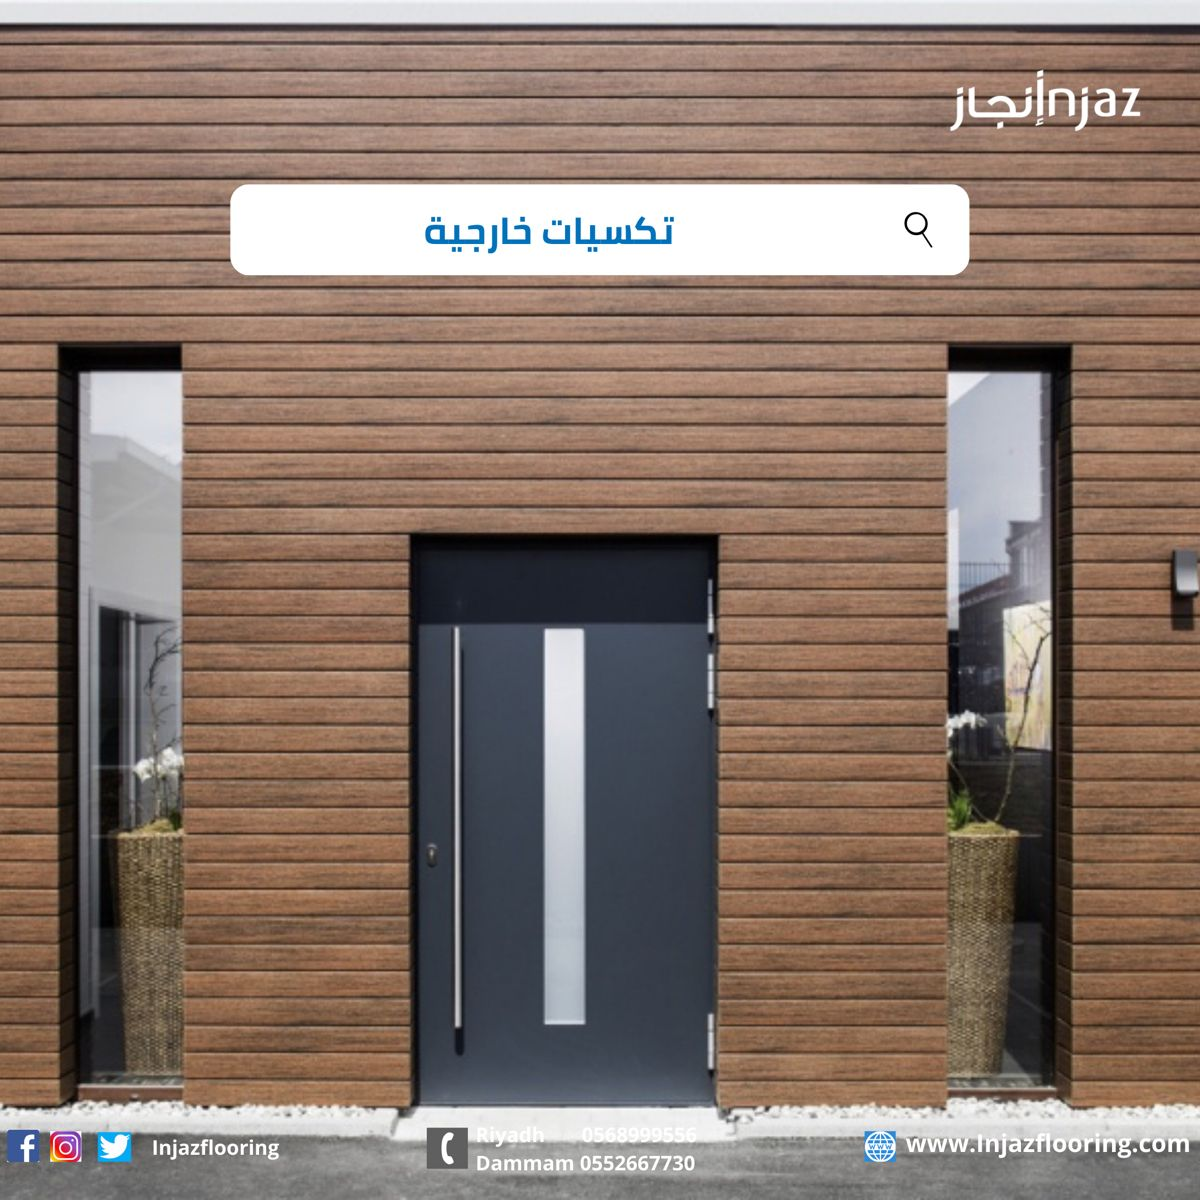 تكسيات خارجية واجهات فلل Outdoor Decor Dammam Home Decor